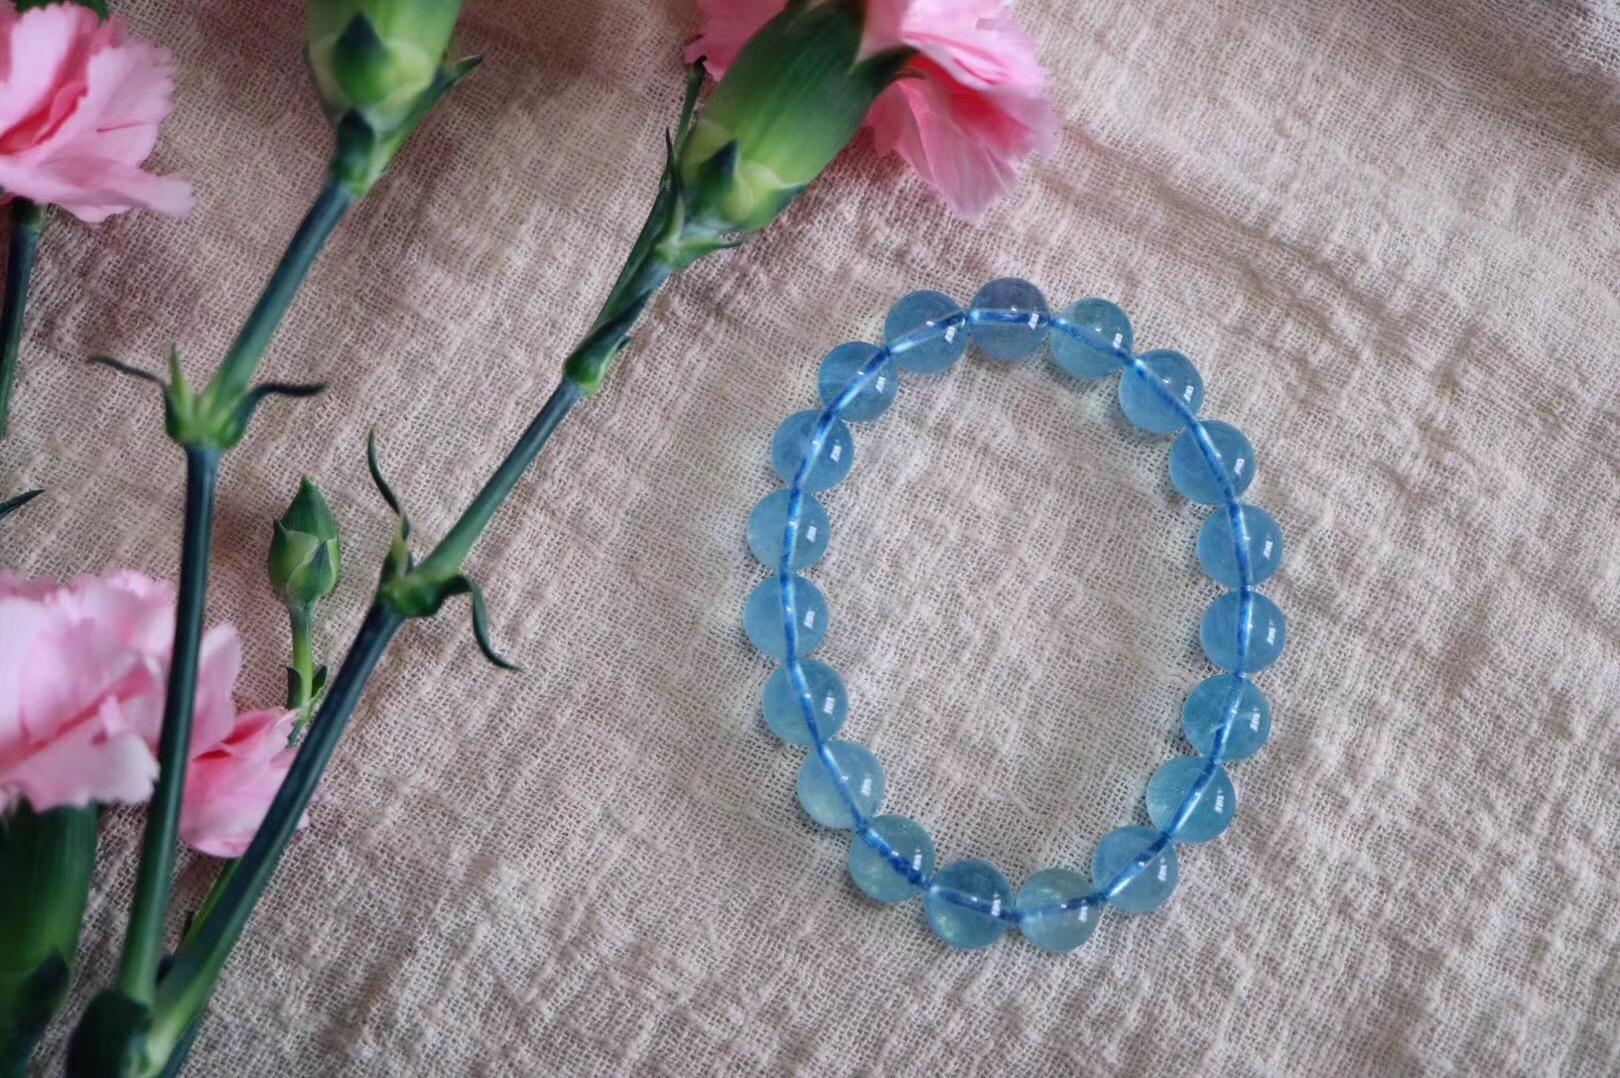 【菩心 | 海蓝宝】海蓝宝石象征幸福、幸运、美好、长久,是双鱼座的守护幸运石-菩心晶舍